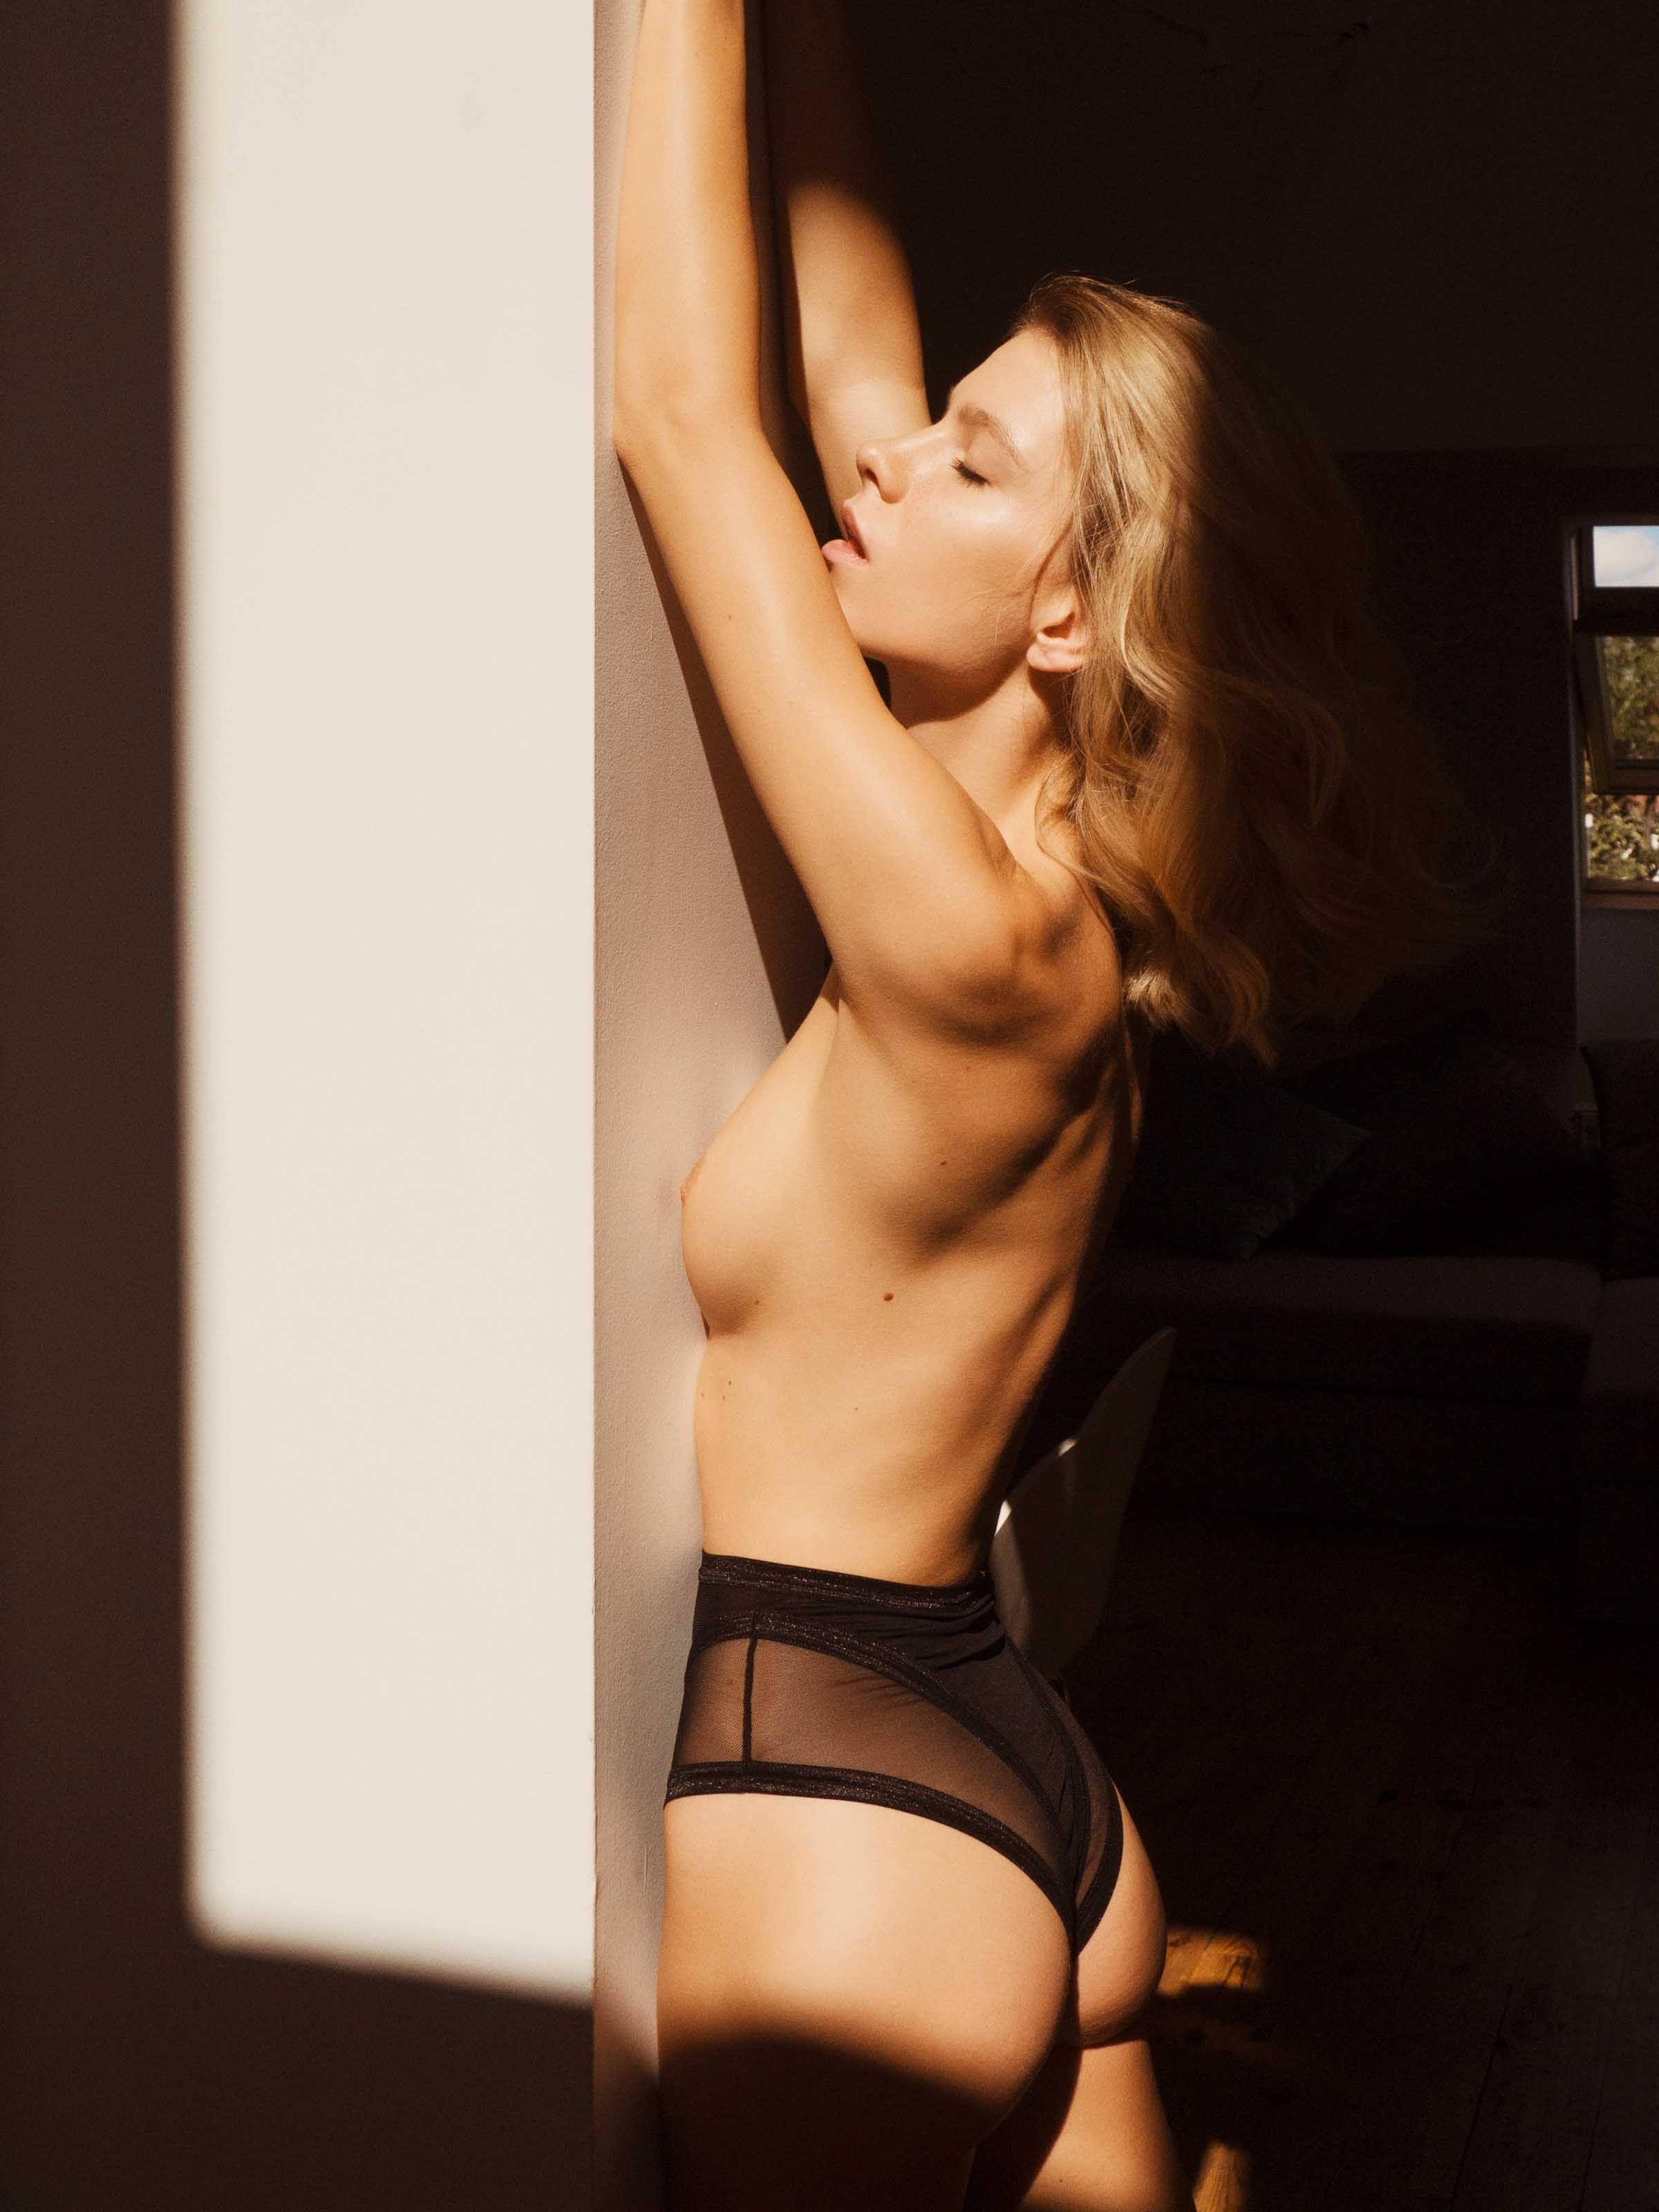 Jessica R. reccomend Angela abbott nude